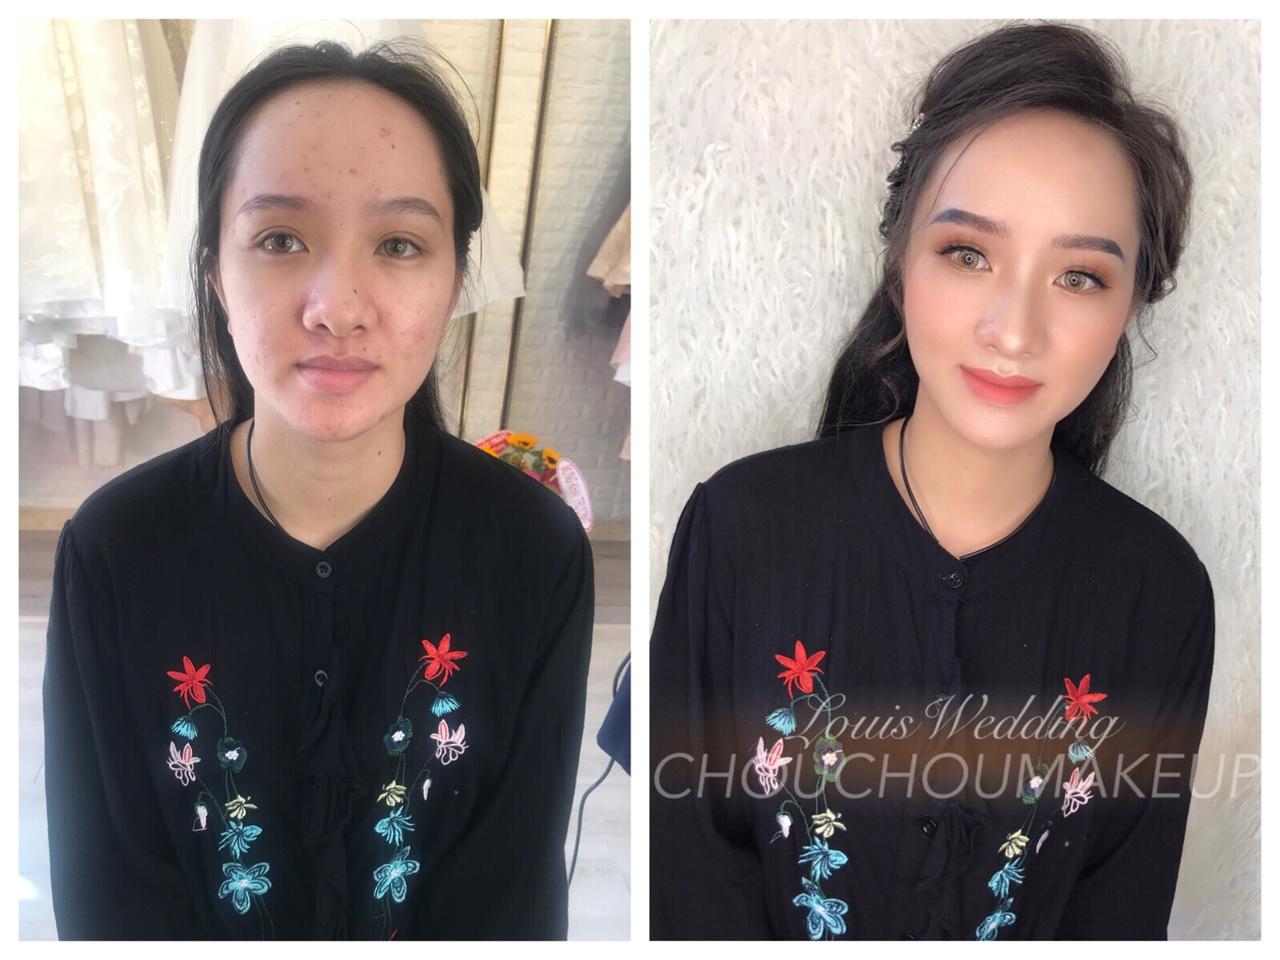 Những lý do khiến chị em phải ghé ngay tiệm make-up đang cực hot ở Gia Lai này!